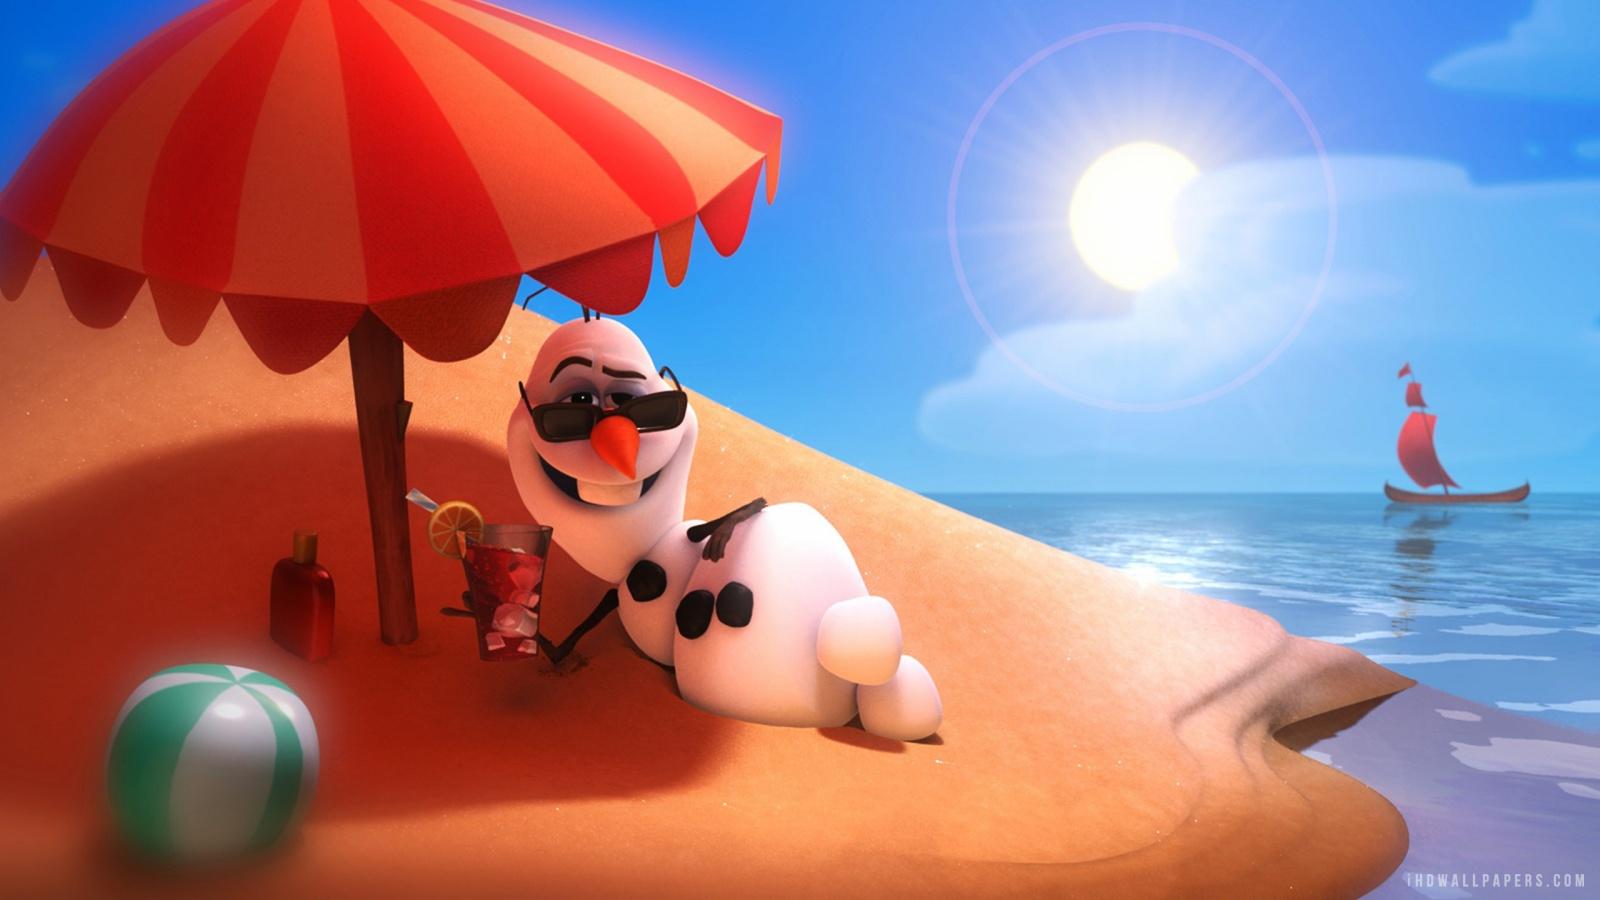 Disney Frozen Olaf HD Wallpaper   iHD Wallpapers 1600x900